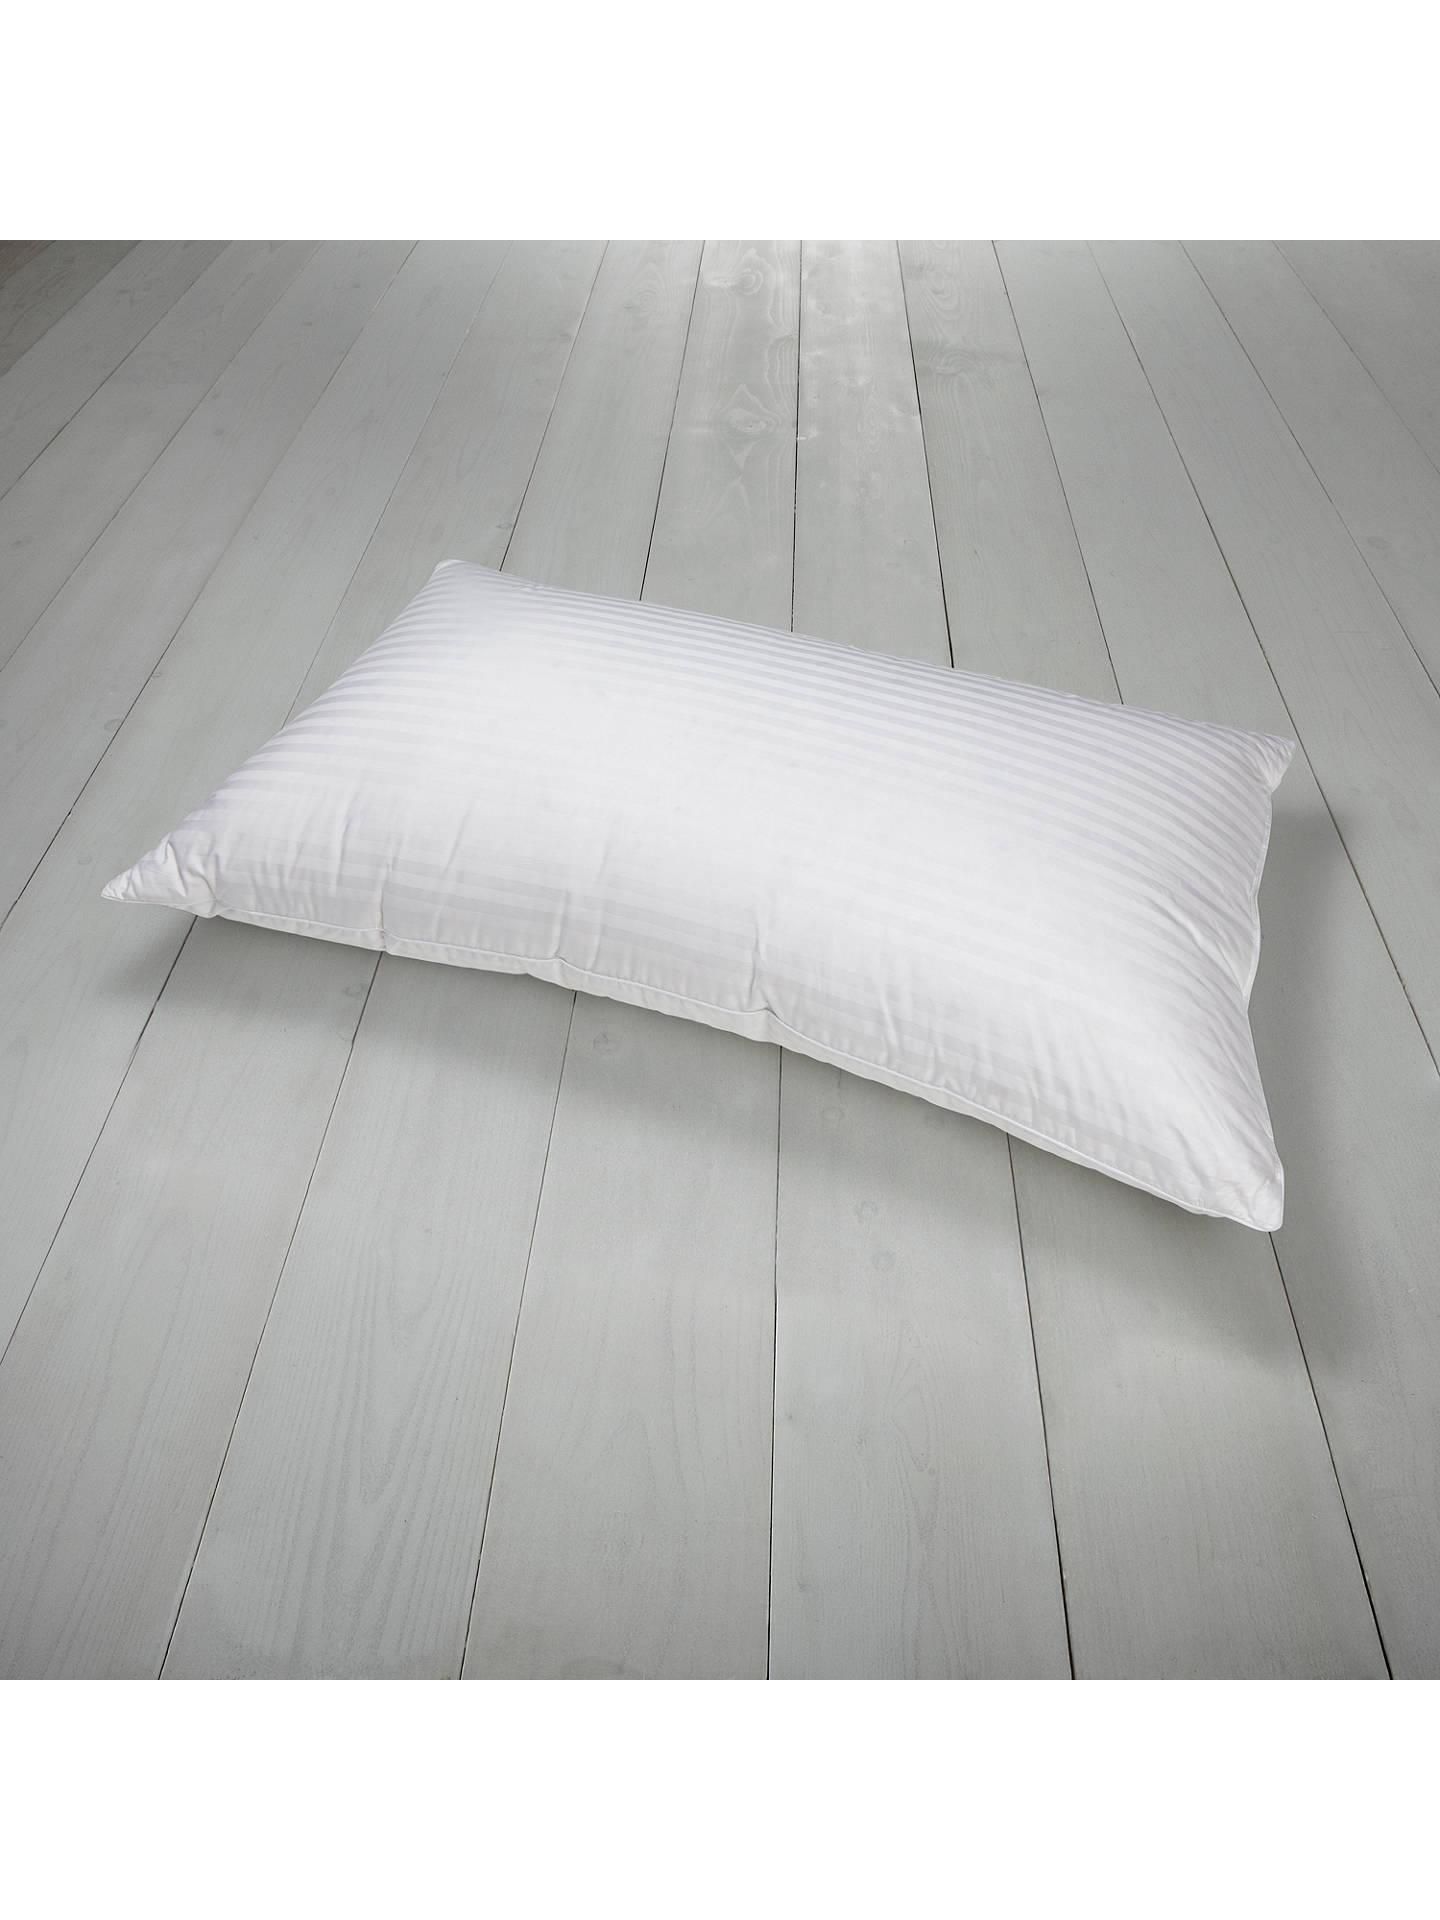 John Lewis Luxury Hungarian Goose Down Standard Pillow